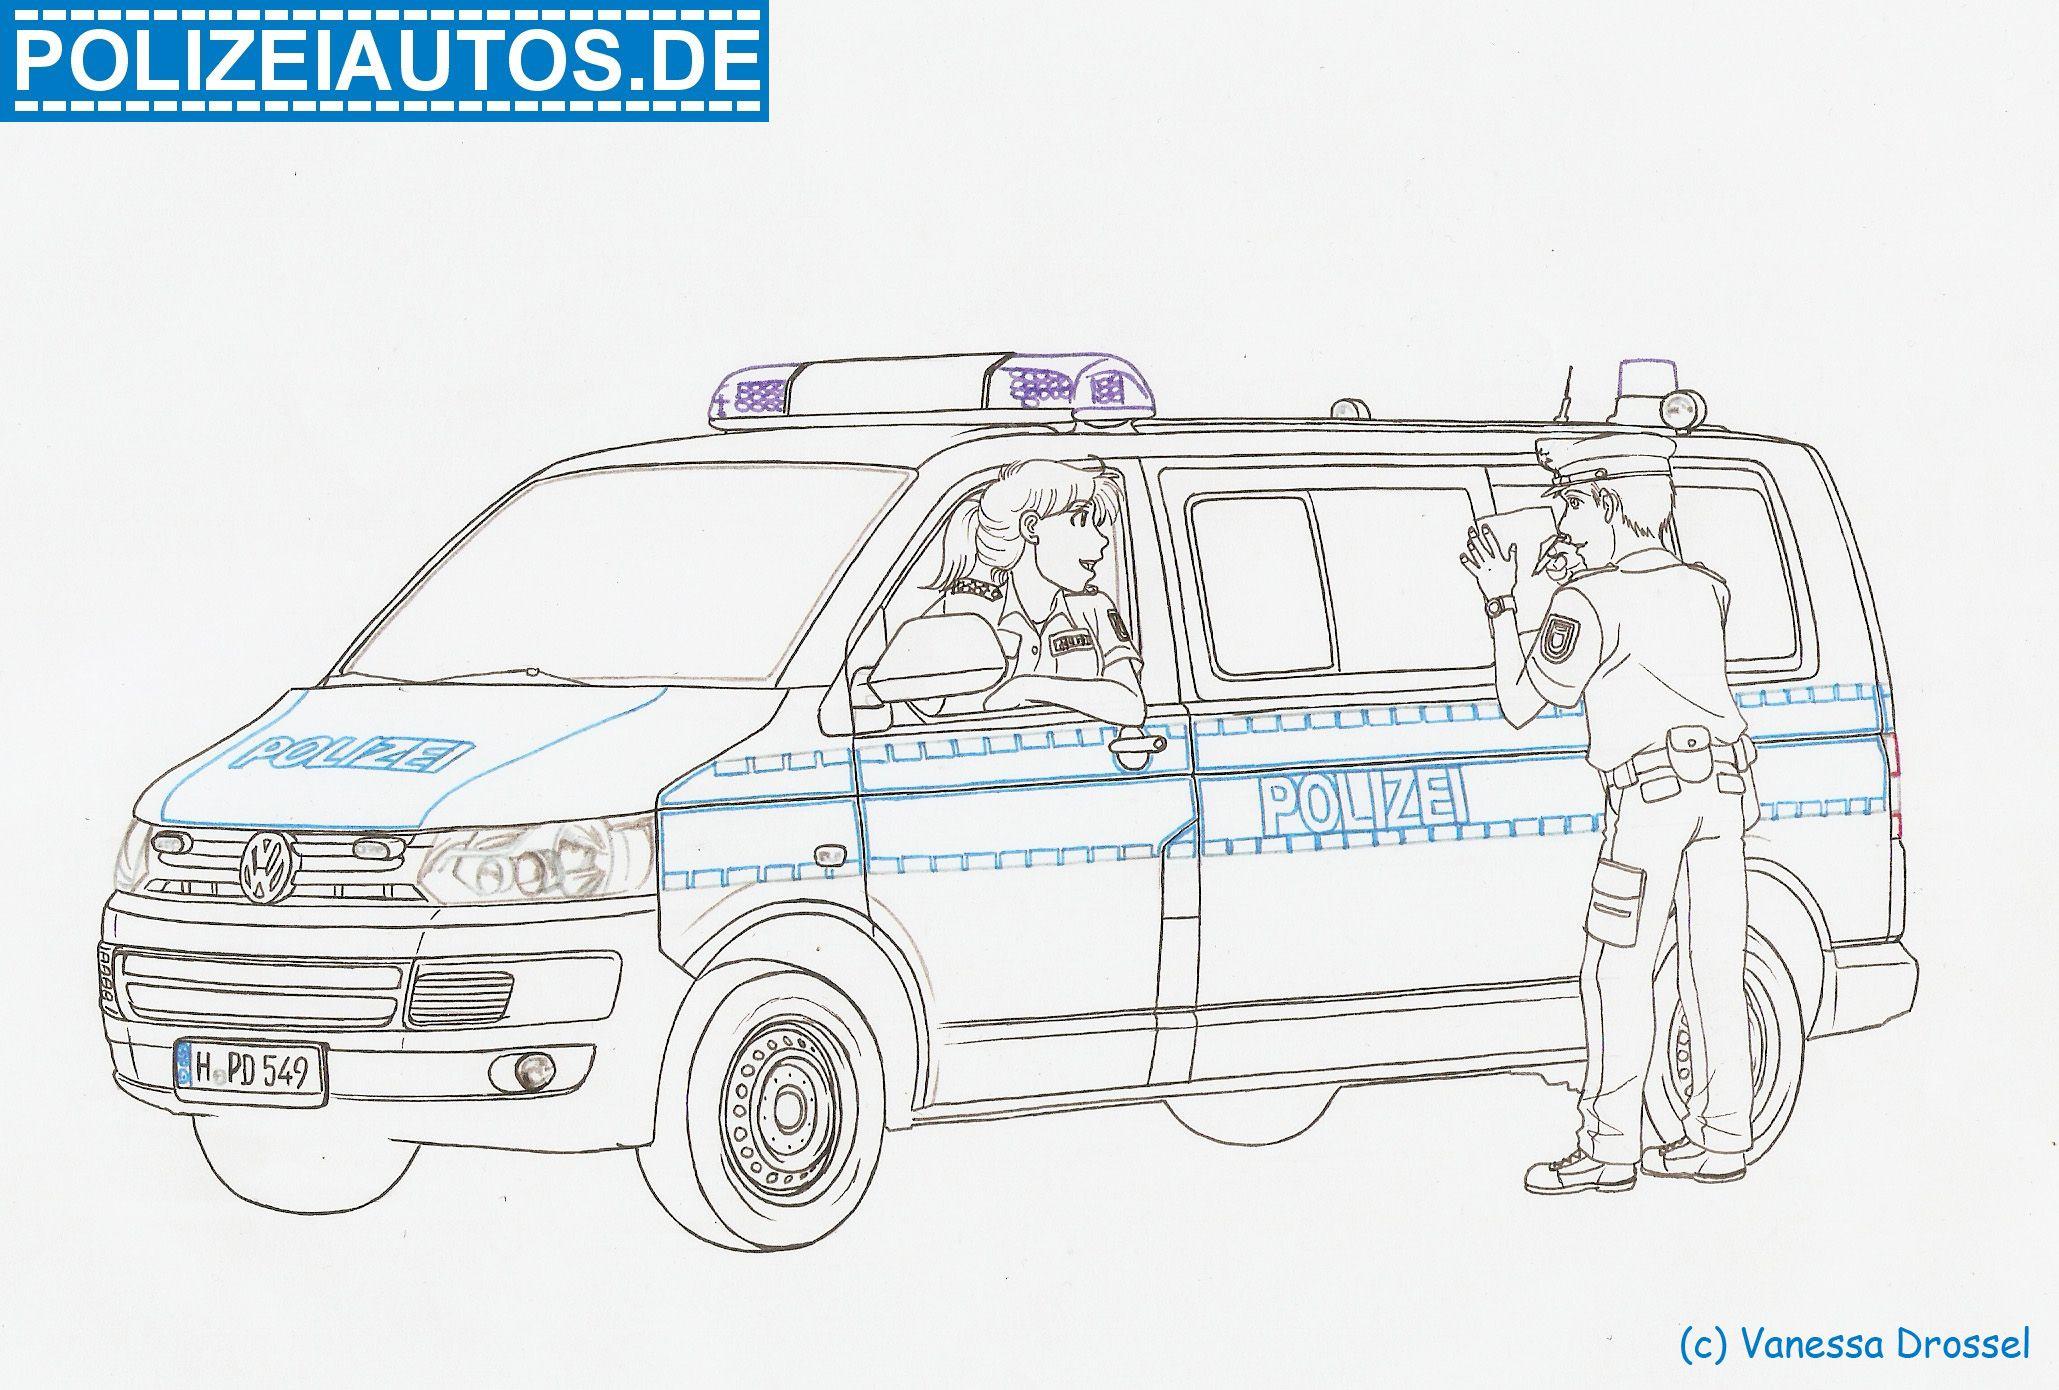 Ausmalbilder Polizei Autos 01 (Mit Bildern) | Ausmalen mit Ausmalbilder Polizei